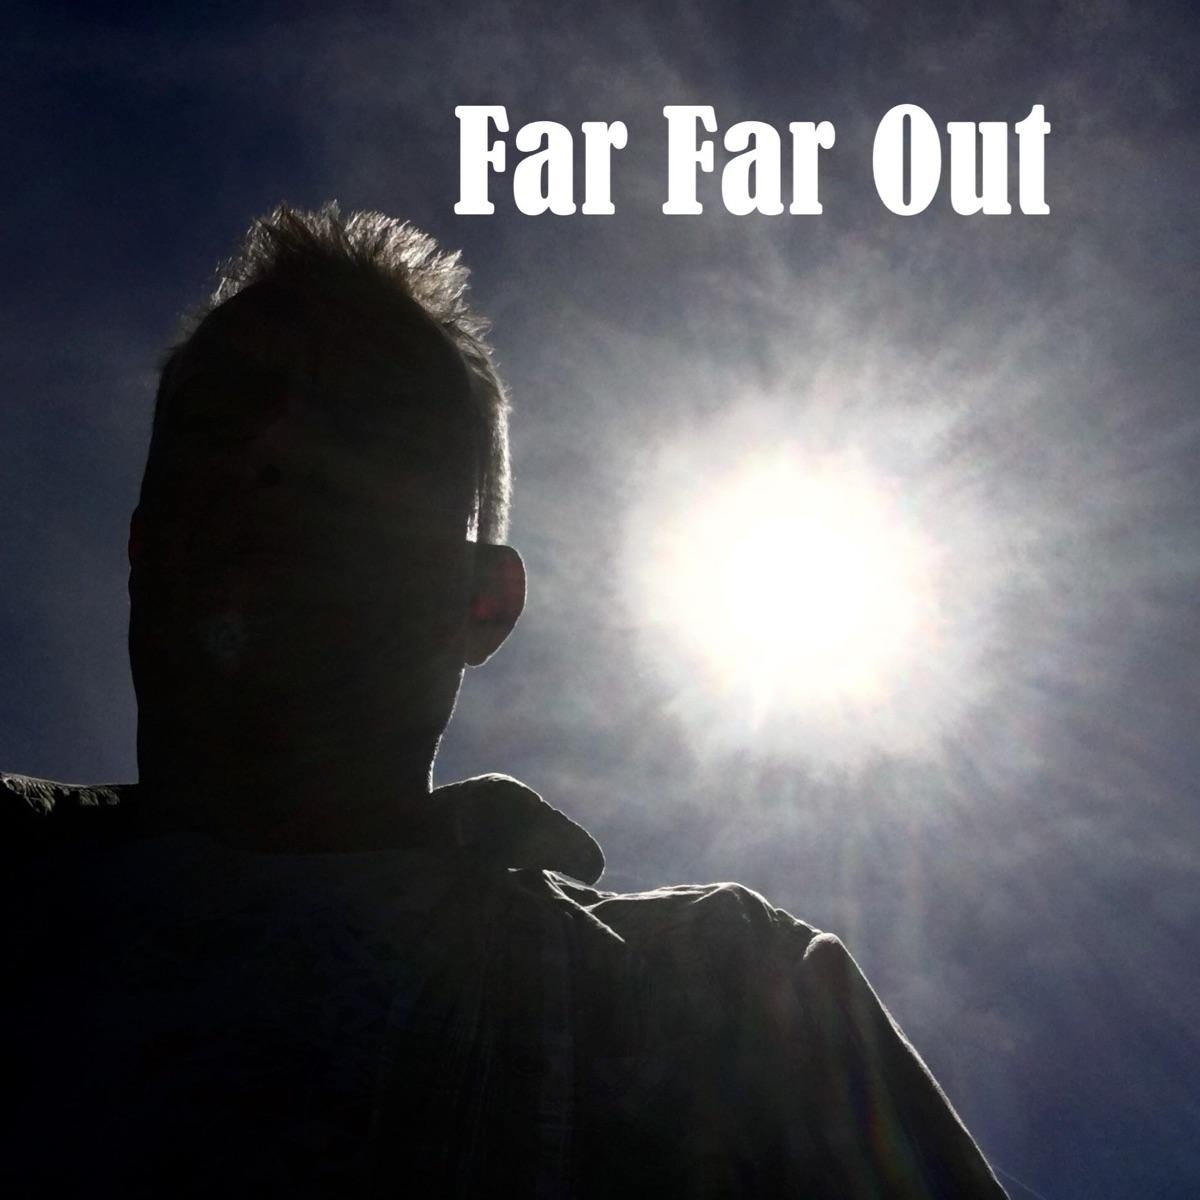 Far Far Out